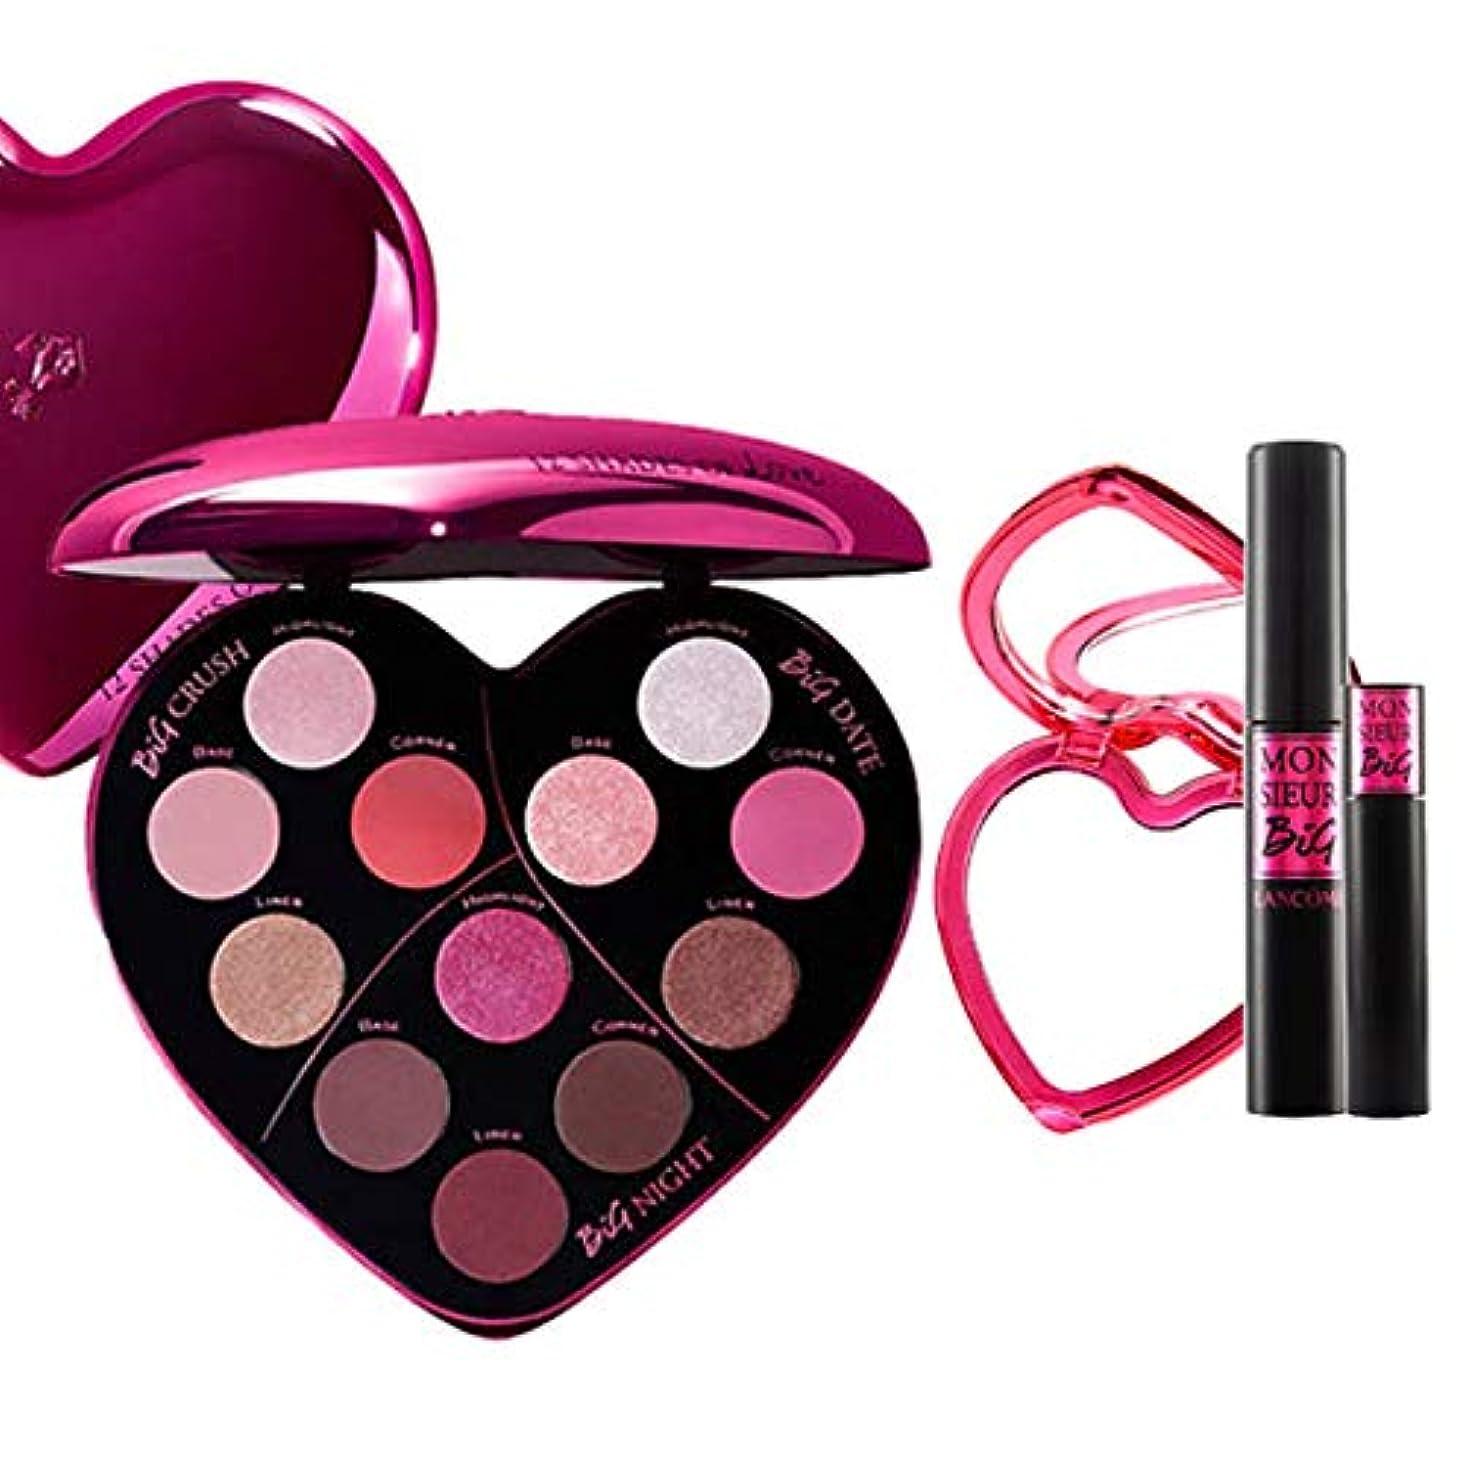 失態制限するダッシュランコム(LANCOME), 限定版 limited-edition Monsieur Big Heart-Shaped Eyeshadow Palette + Monsieur Big Birthday Mascara...